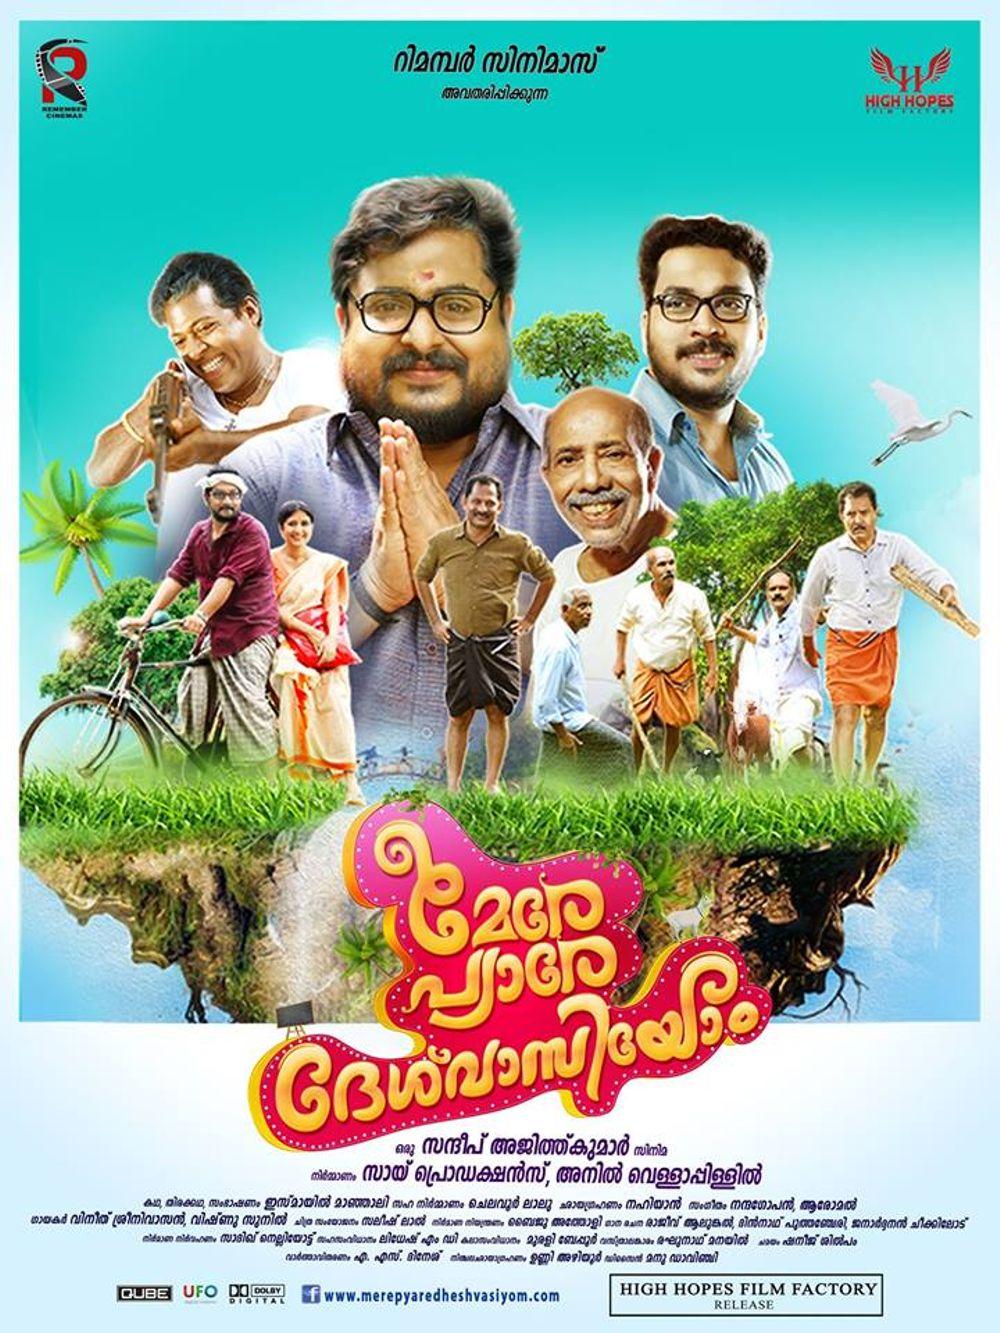 Mere Pyare Deshvasiyom Movie Review